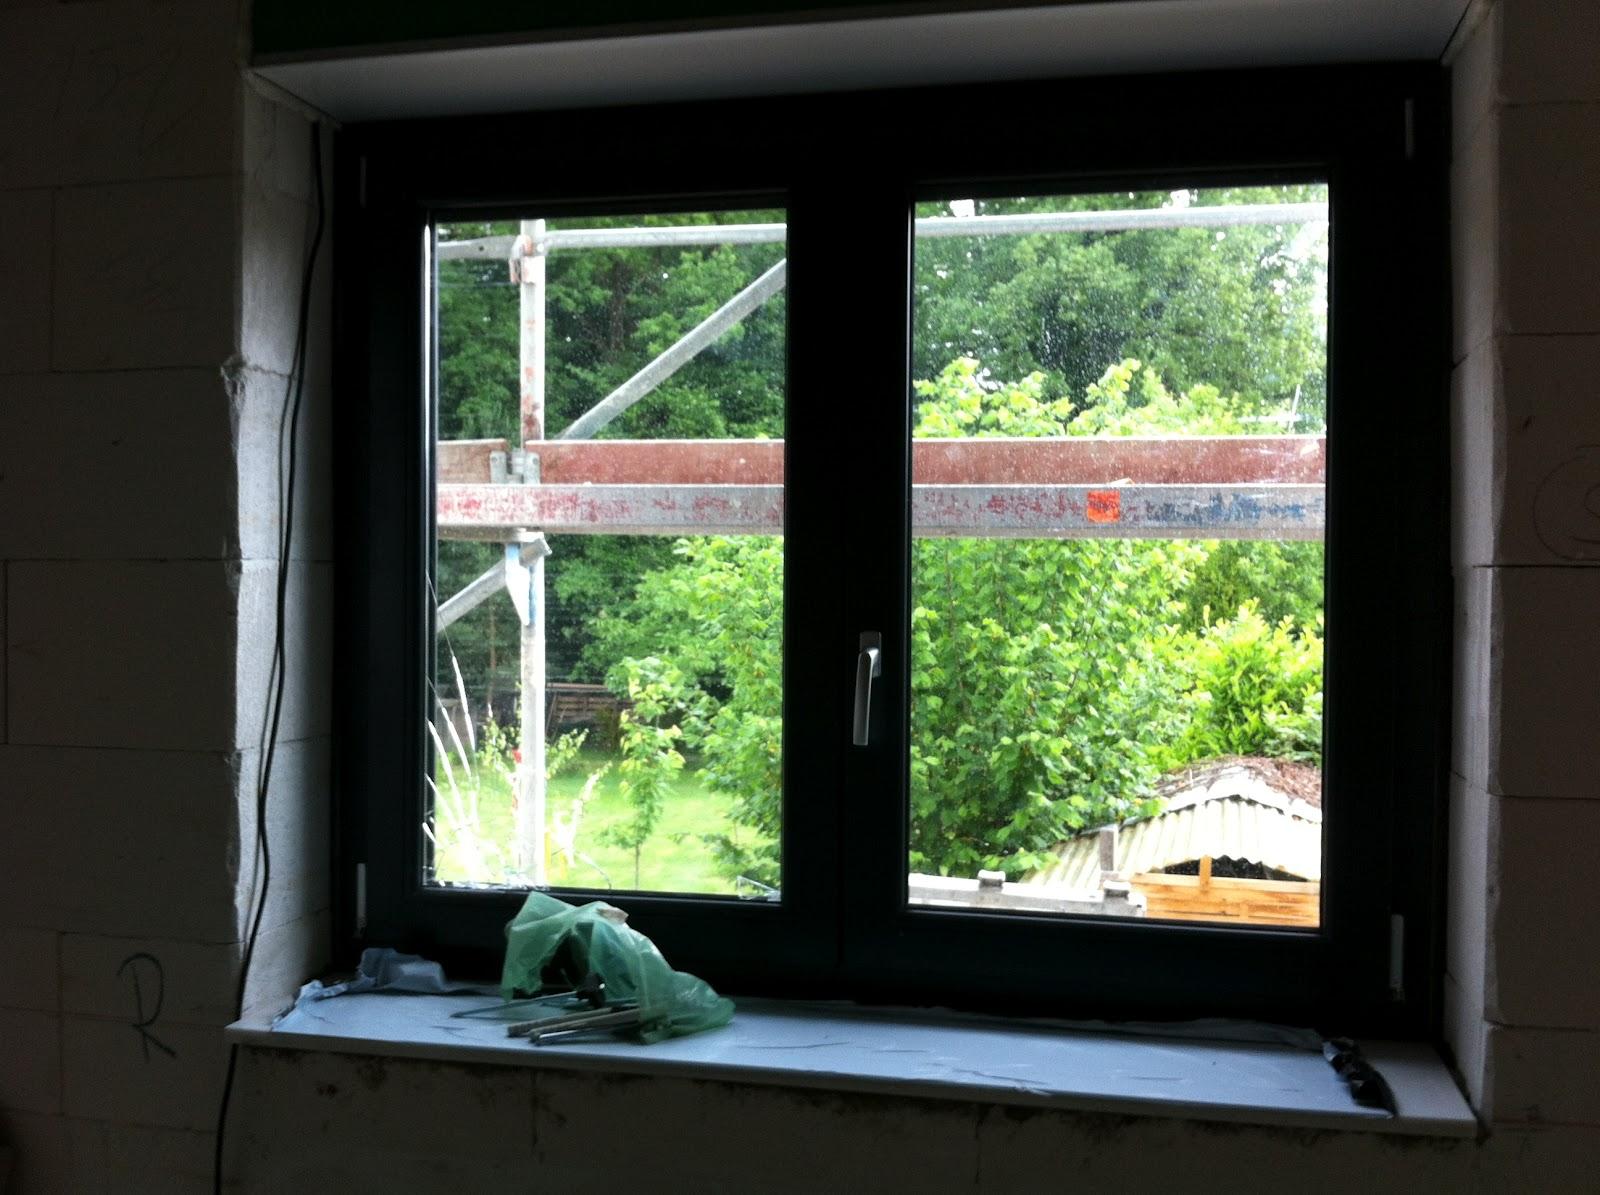 Unser Bauhaus von Artos: 2012-06-02: neue Fotos